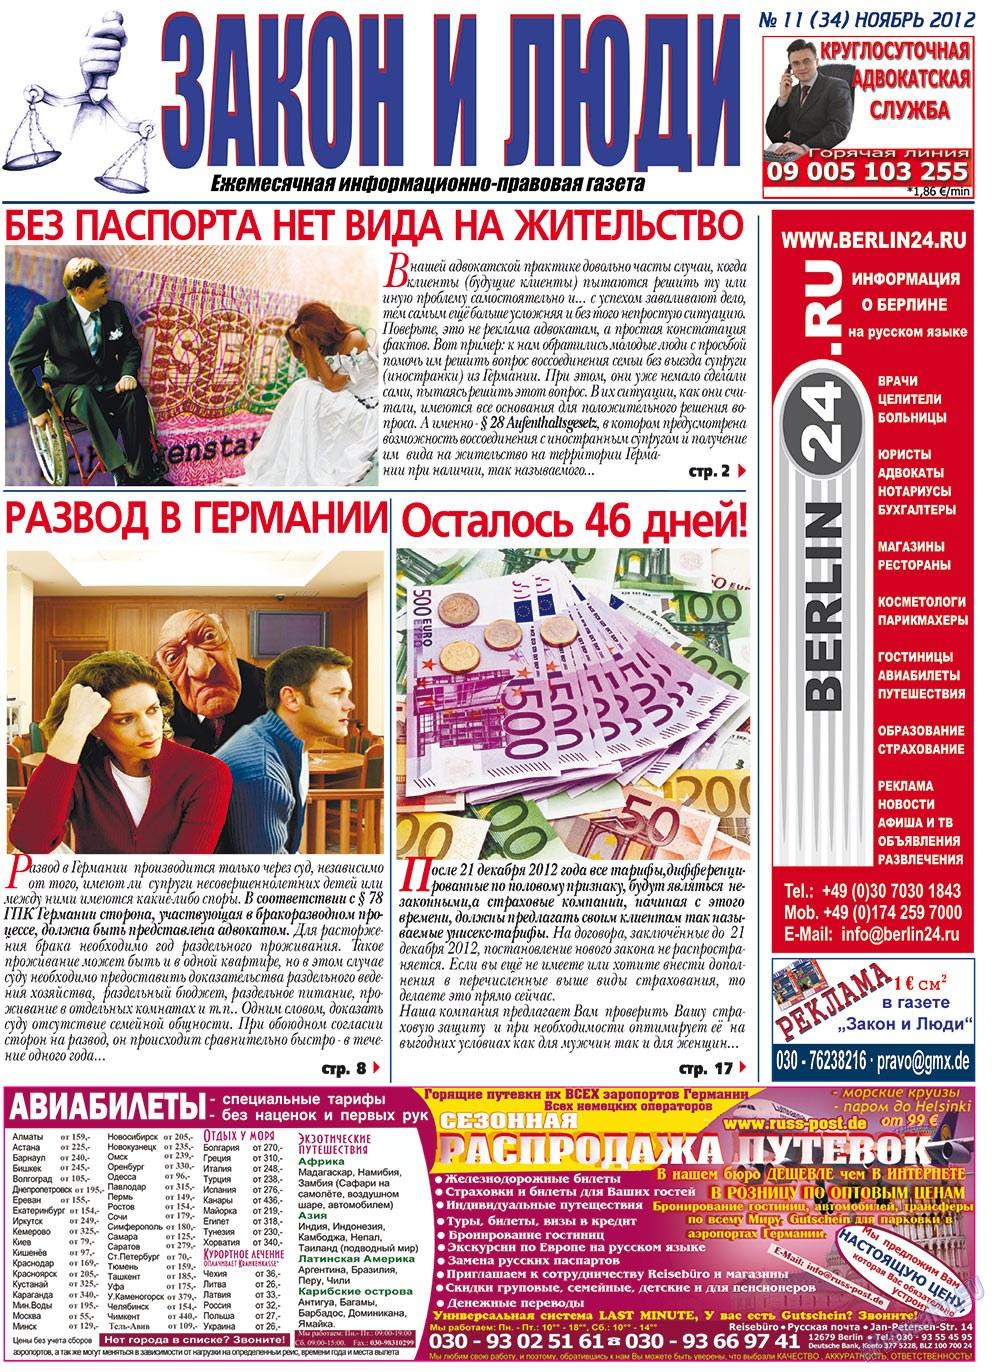 Закон и люди (газета). 2012 год, номер 11, стр. 1